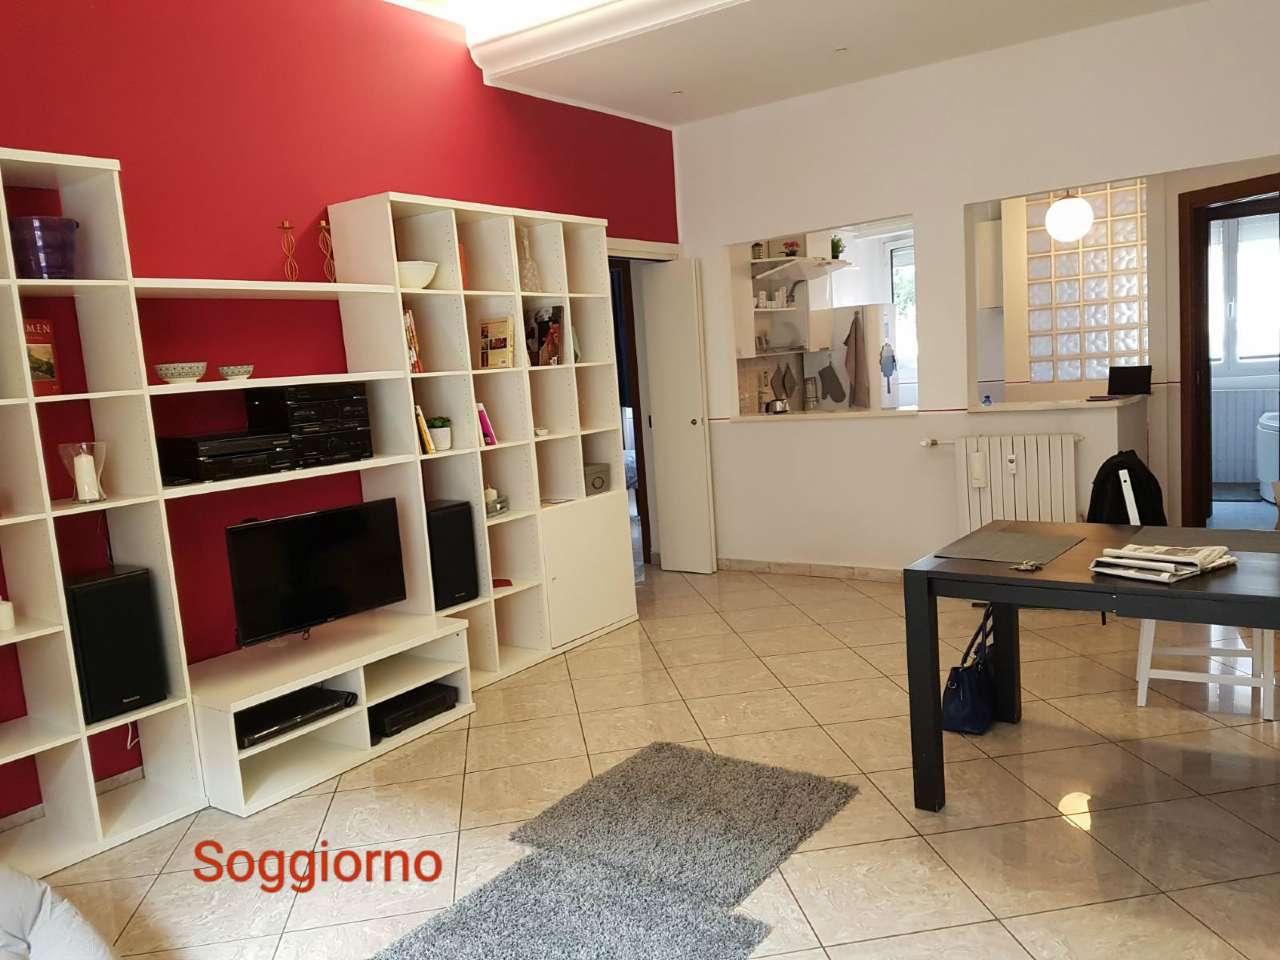 Appartamento in Affitto a Milano 17 Marghera / Wagner / Fiera: 3 locali, 90 mq